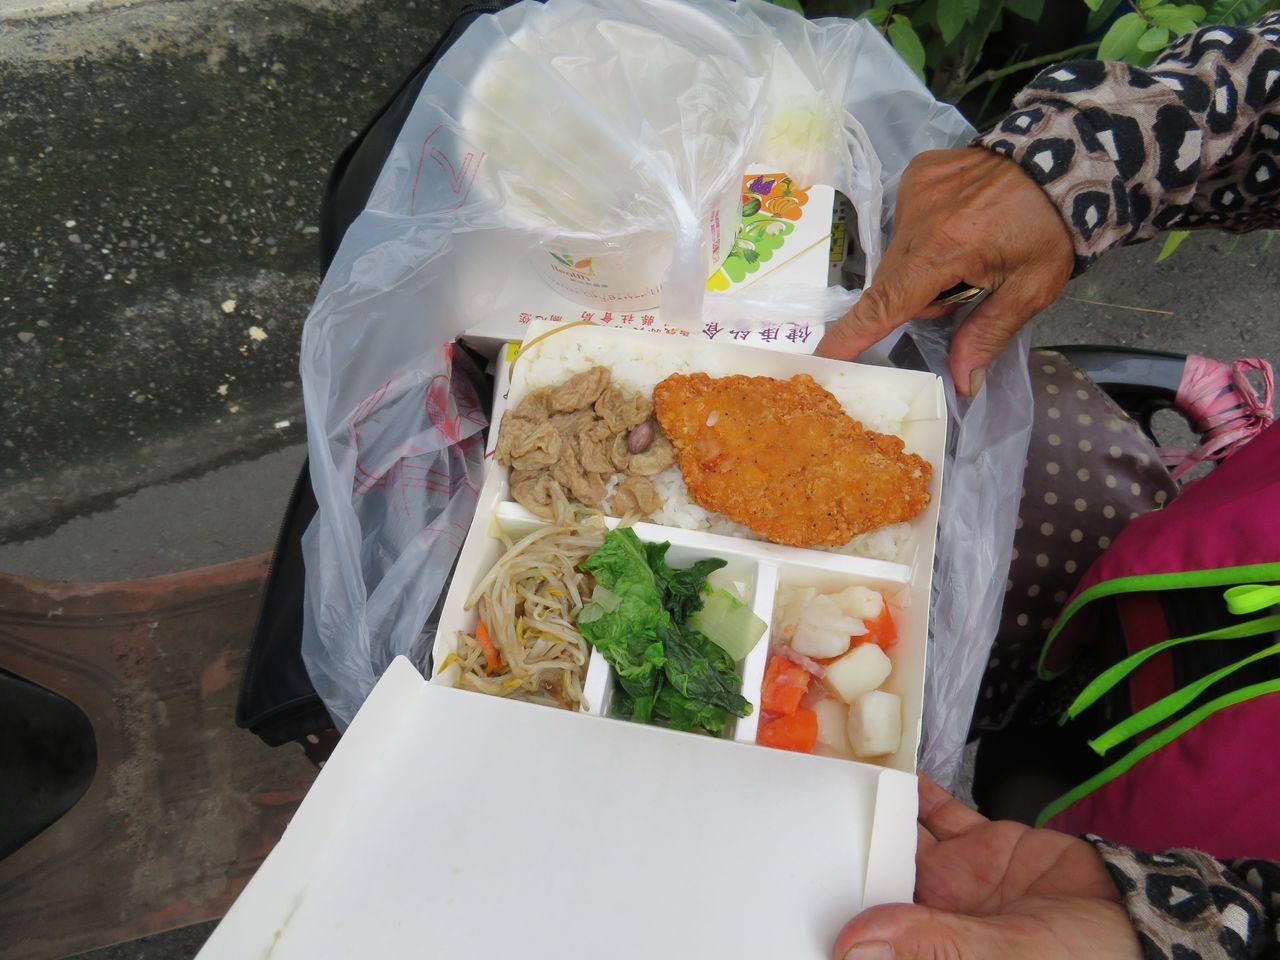 水上鄉志工張財福騎機車餐獨老,便當有炸豬排等4菜及米飯。 記者魯永明/攝影